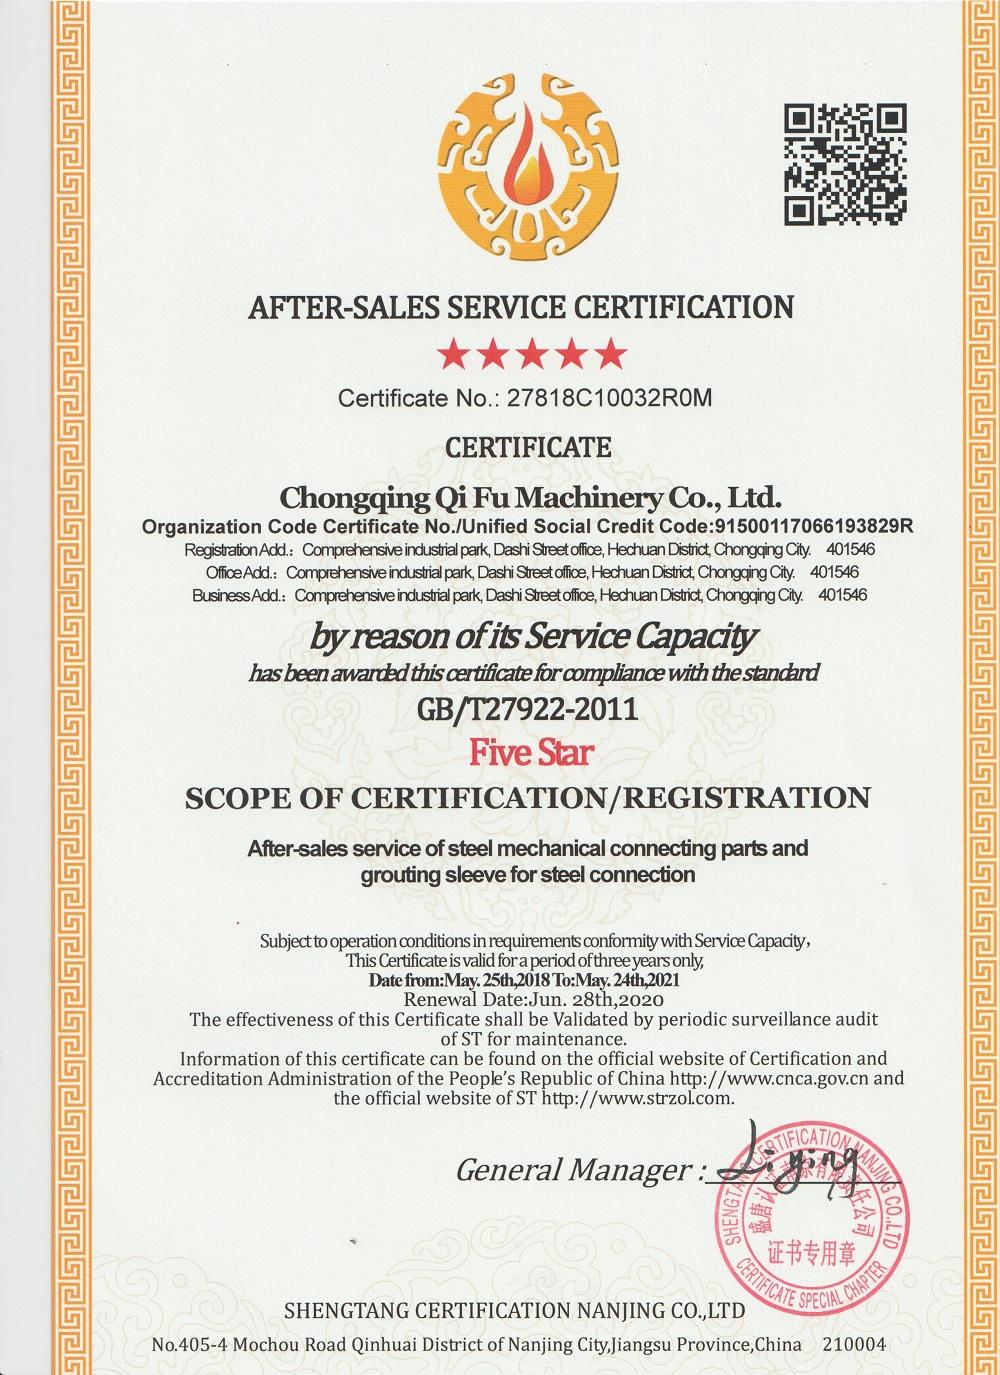 商品售后服务评价体系证书——英文版